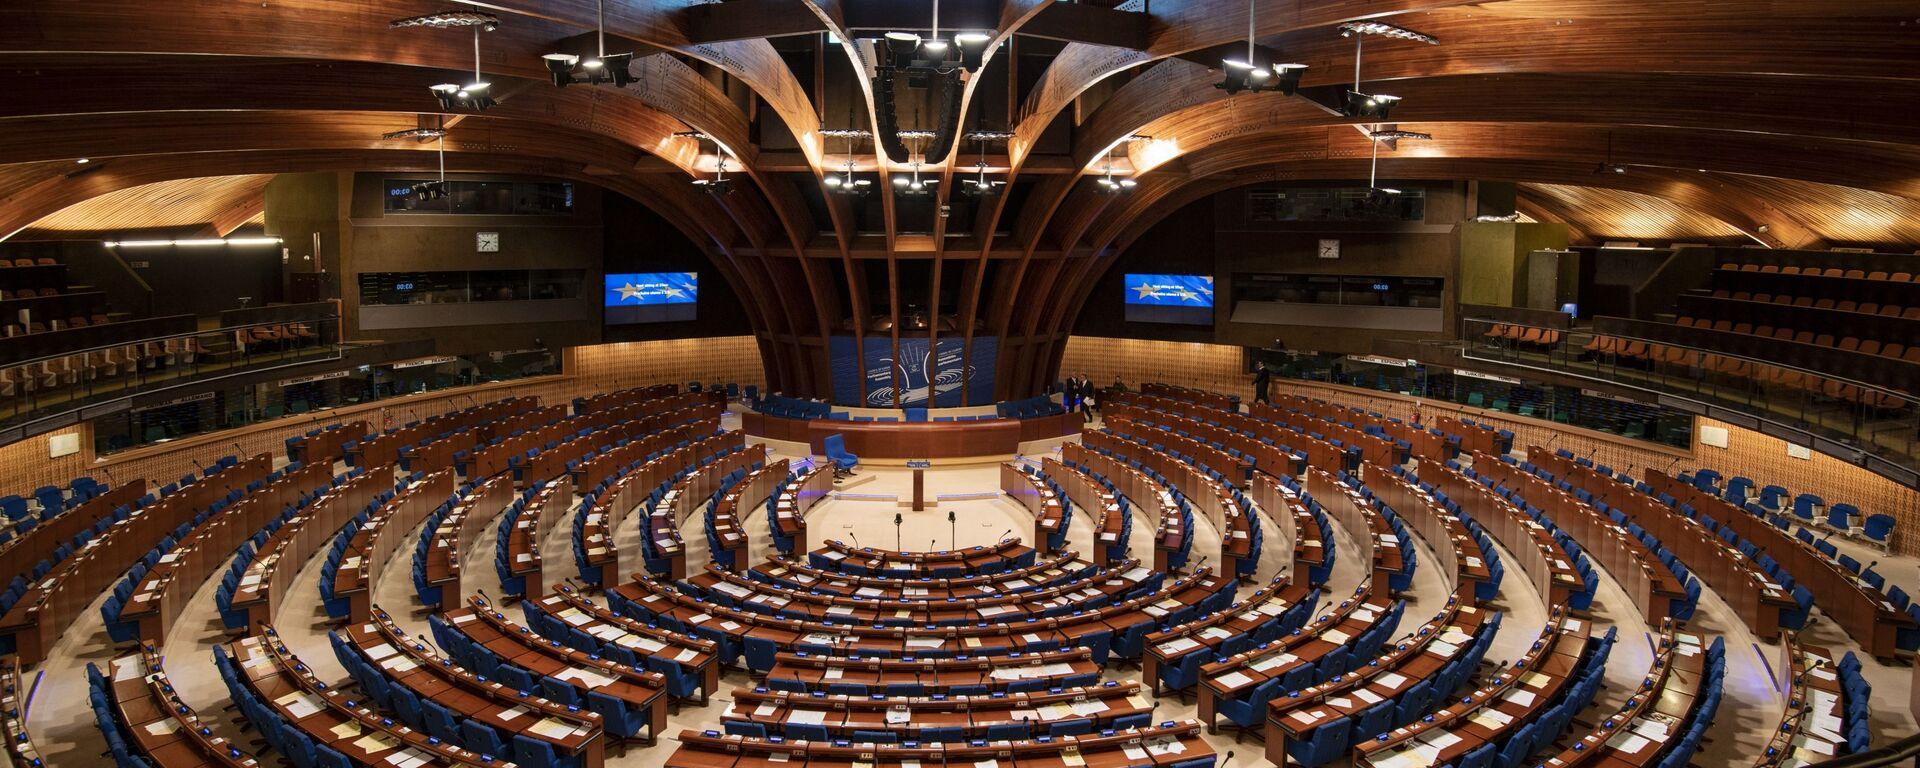 Заседање Парламентарне скупштине Савета Европе - Sputnik Србија, 1920, 26.01.2021